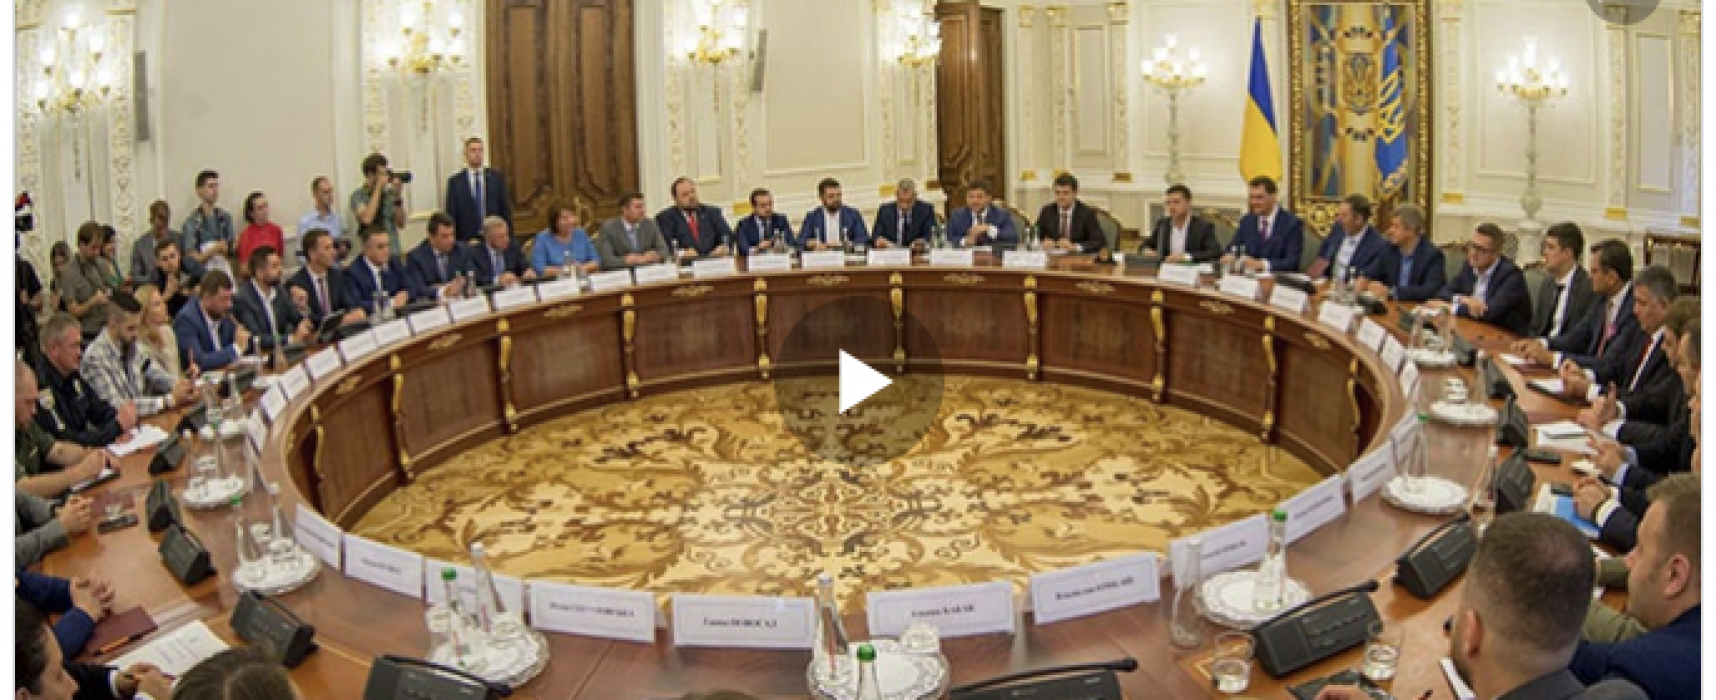 Fake: Ukrajina obrátí svou půdu v komoditu a prodá ji výměnou za další miliardu od MMF